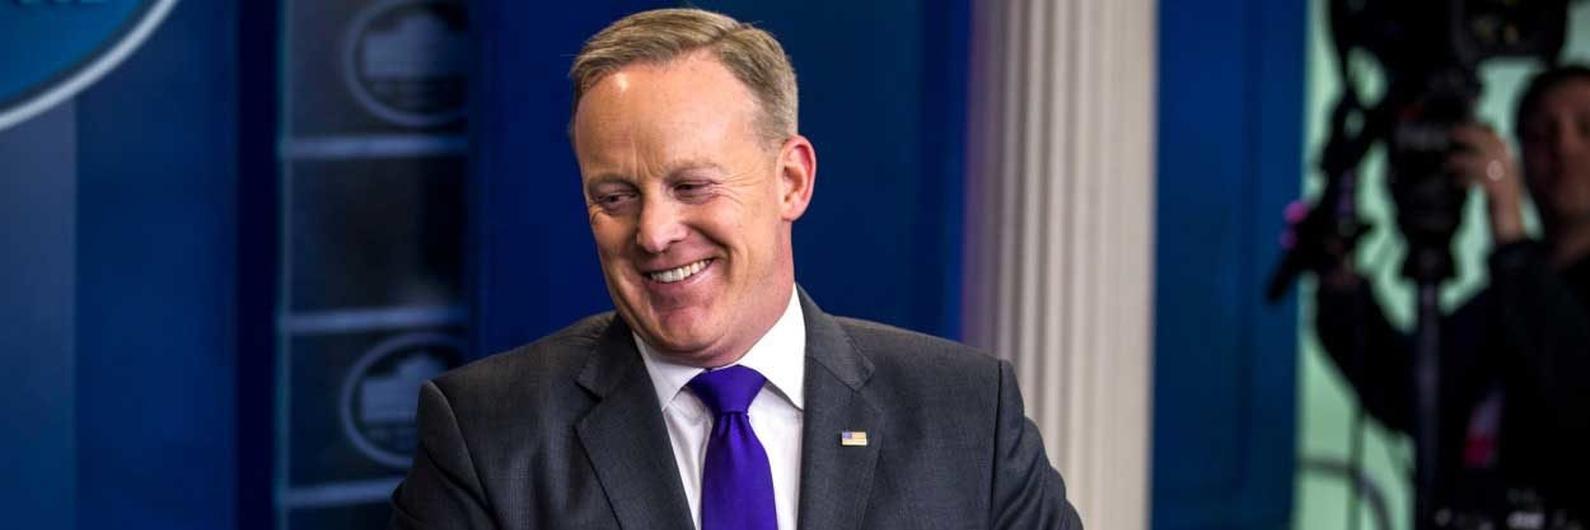 Sean Spicer. Seis meses de gaffes e polémicas no palanque da Casa Branca